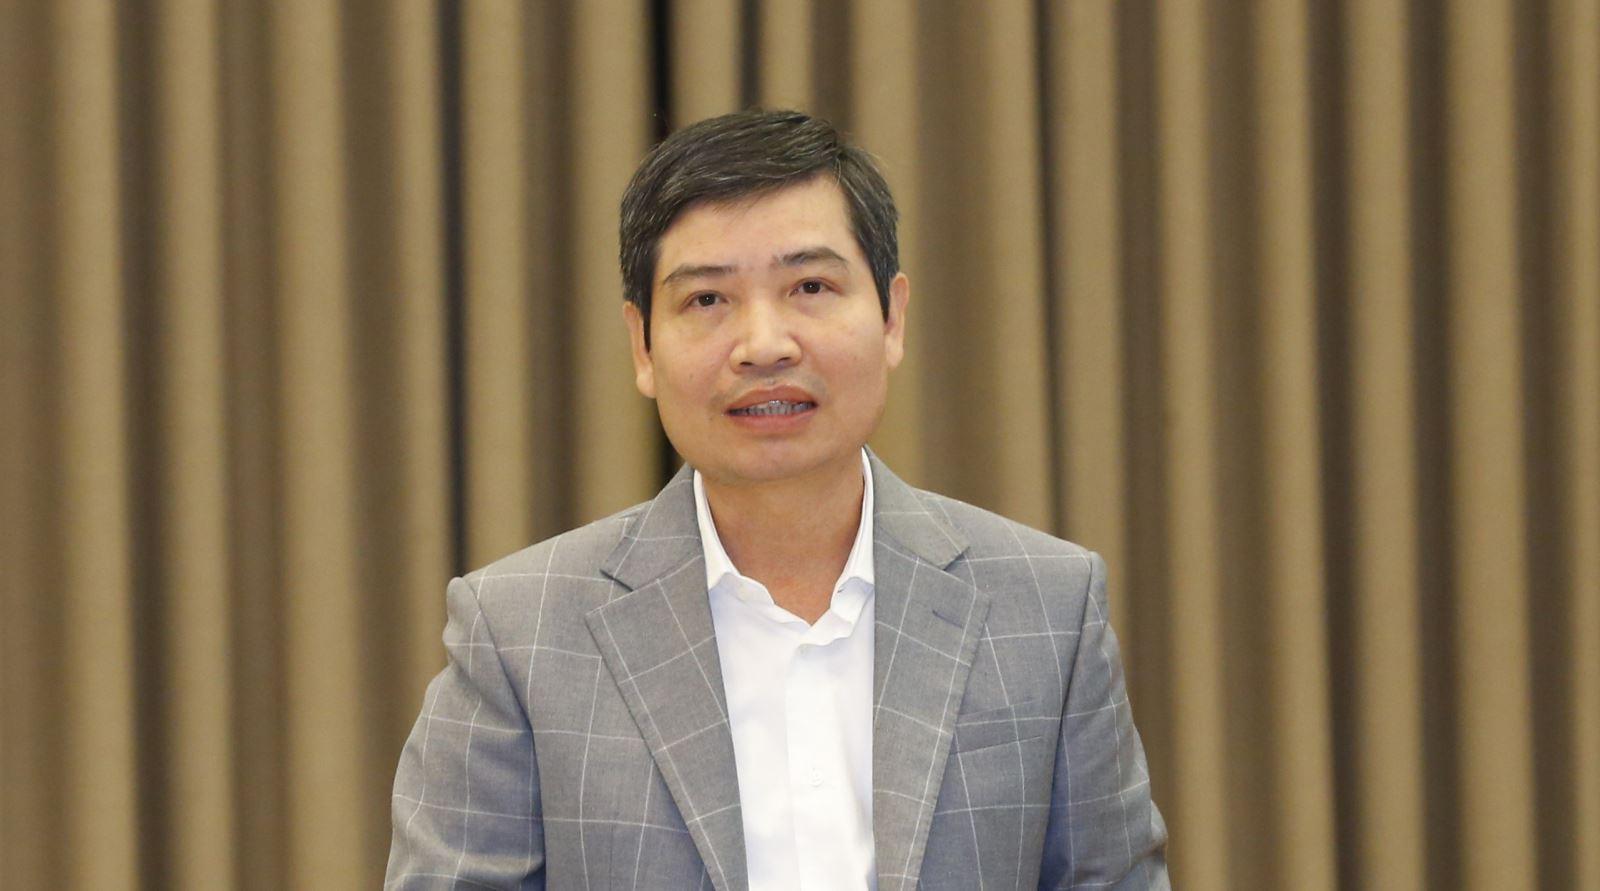 Thứ trưởng Bộ Tài chính Tạ Anh Tuấn. Ảnh: Doãn Tấn/TTXVN